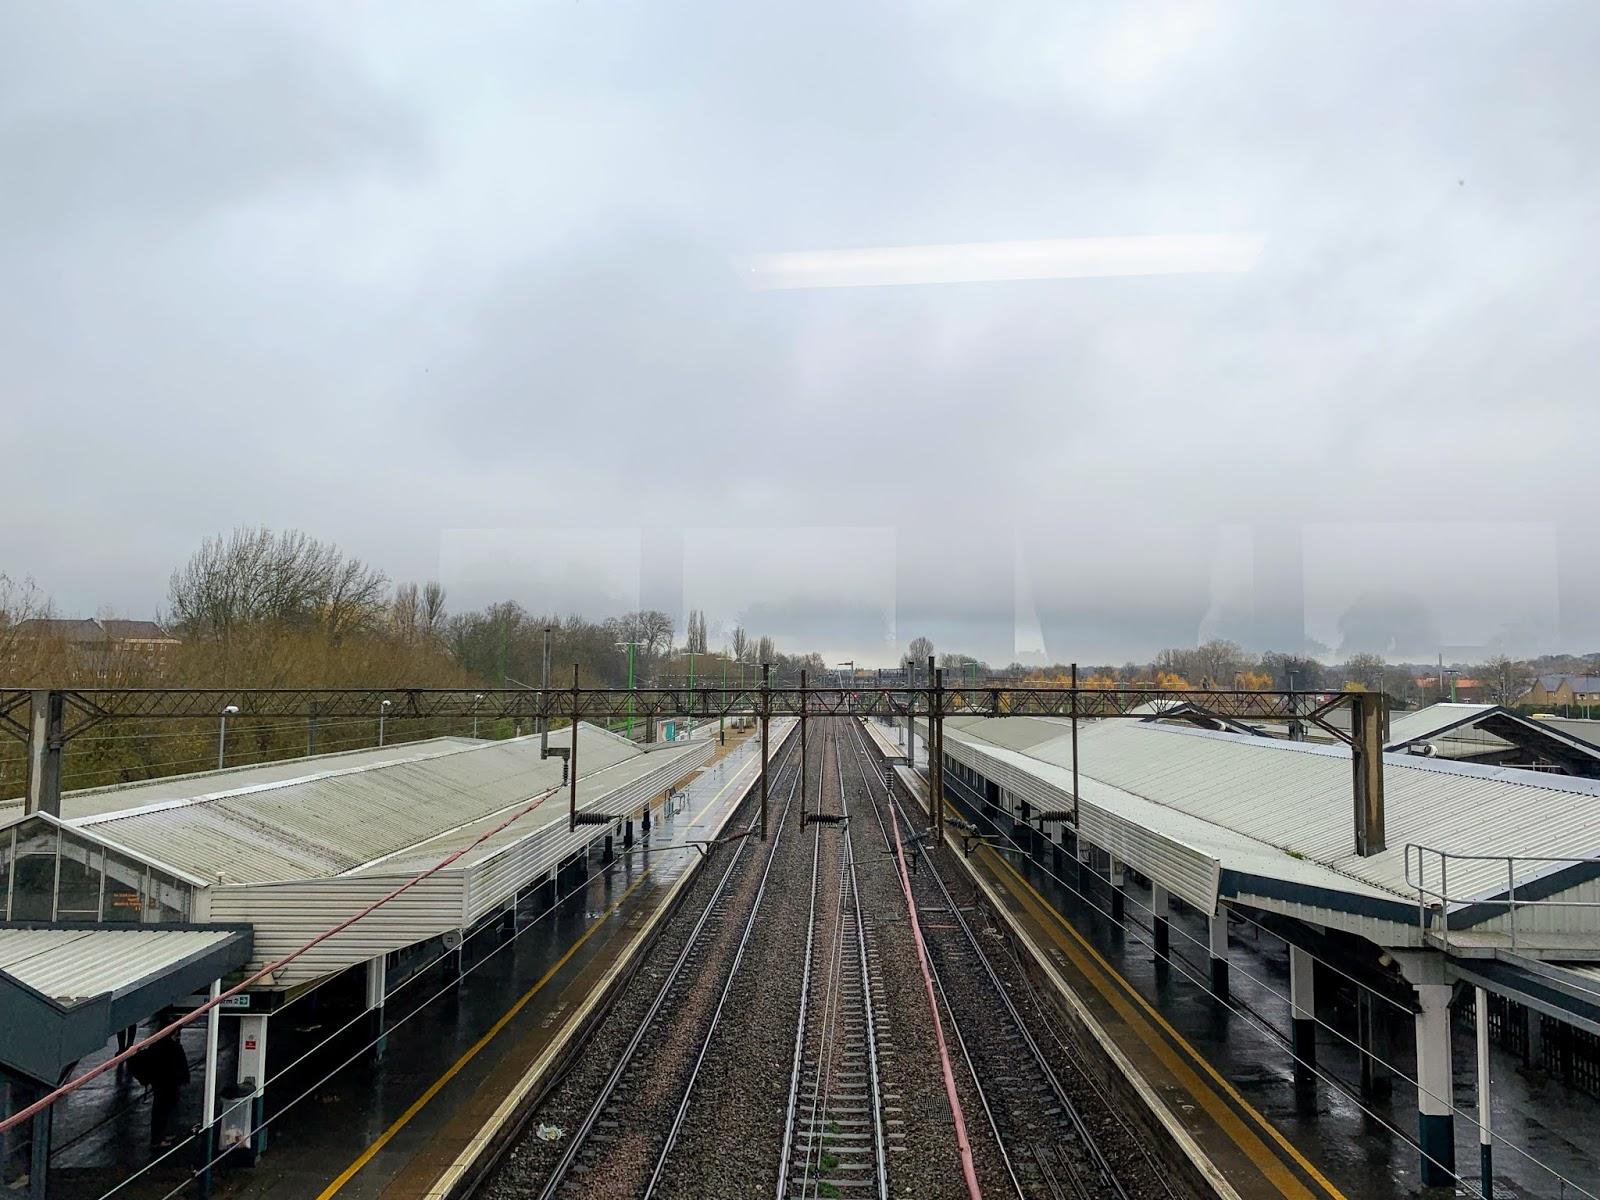 ノーザンプトン駅ホーム